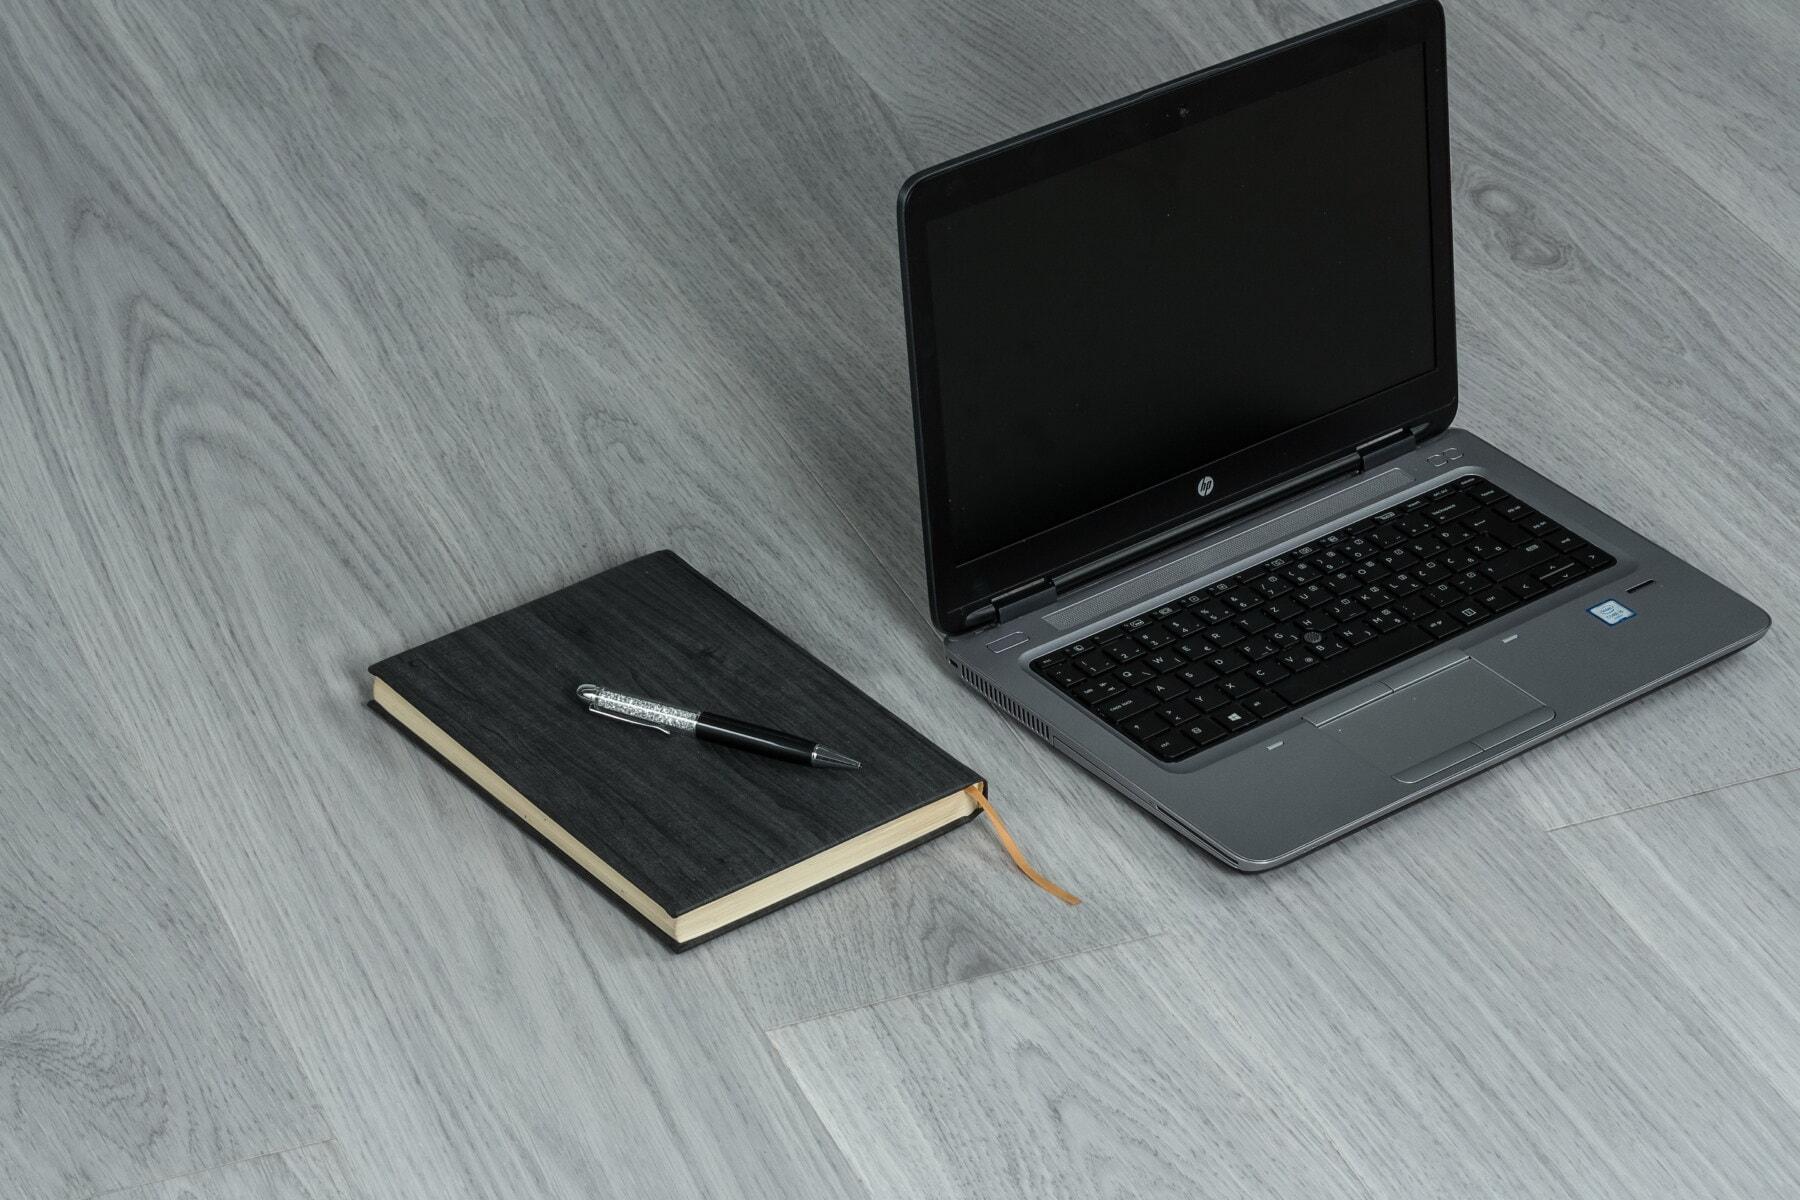 máy tính xách tay, màu đen, nhôm, màu xám, bút chì, màu đen và trắng, Bàn, máy tính xách tay, Internet, máy tính xách tay